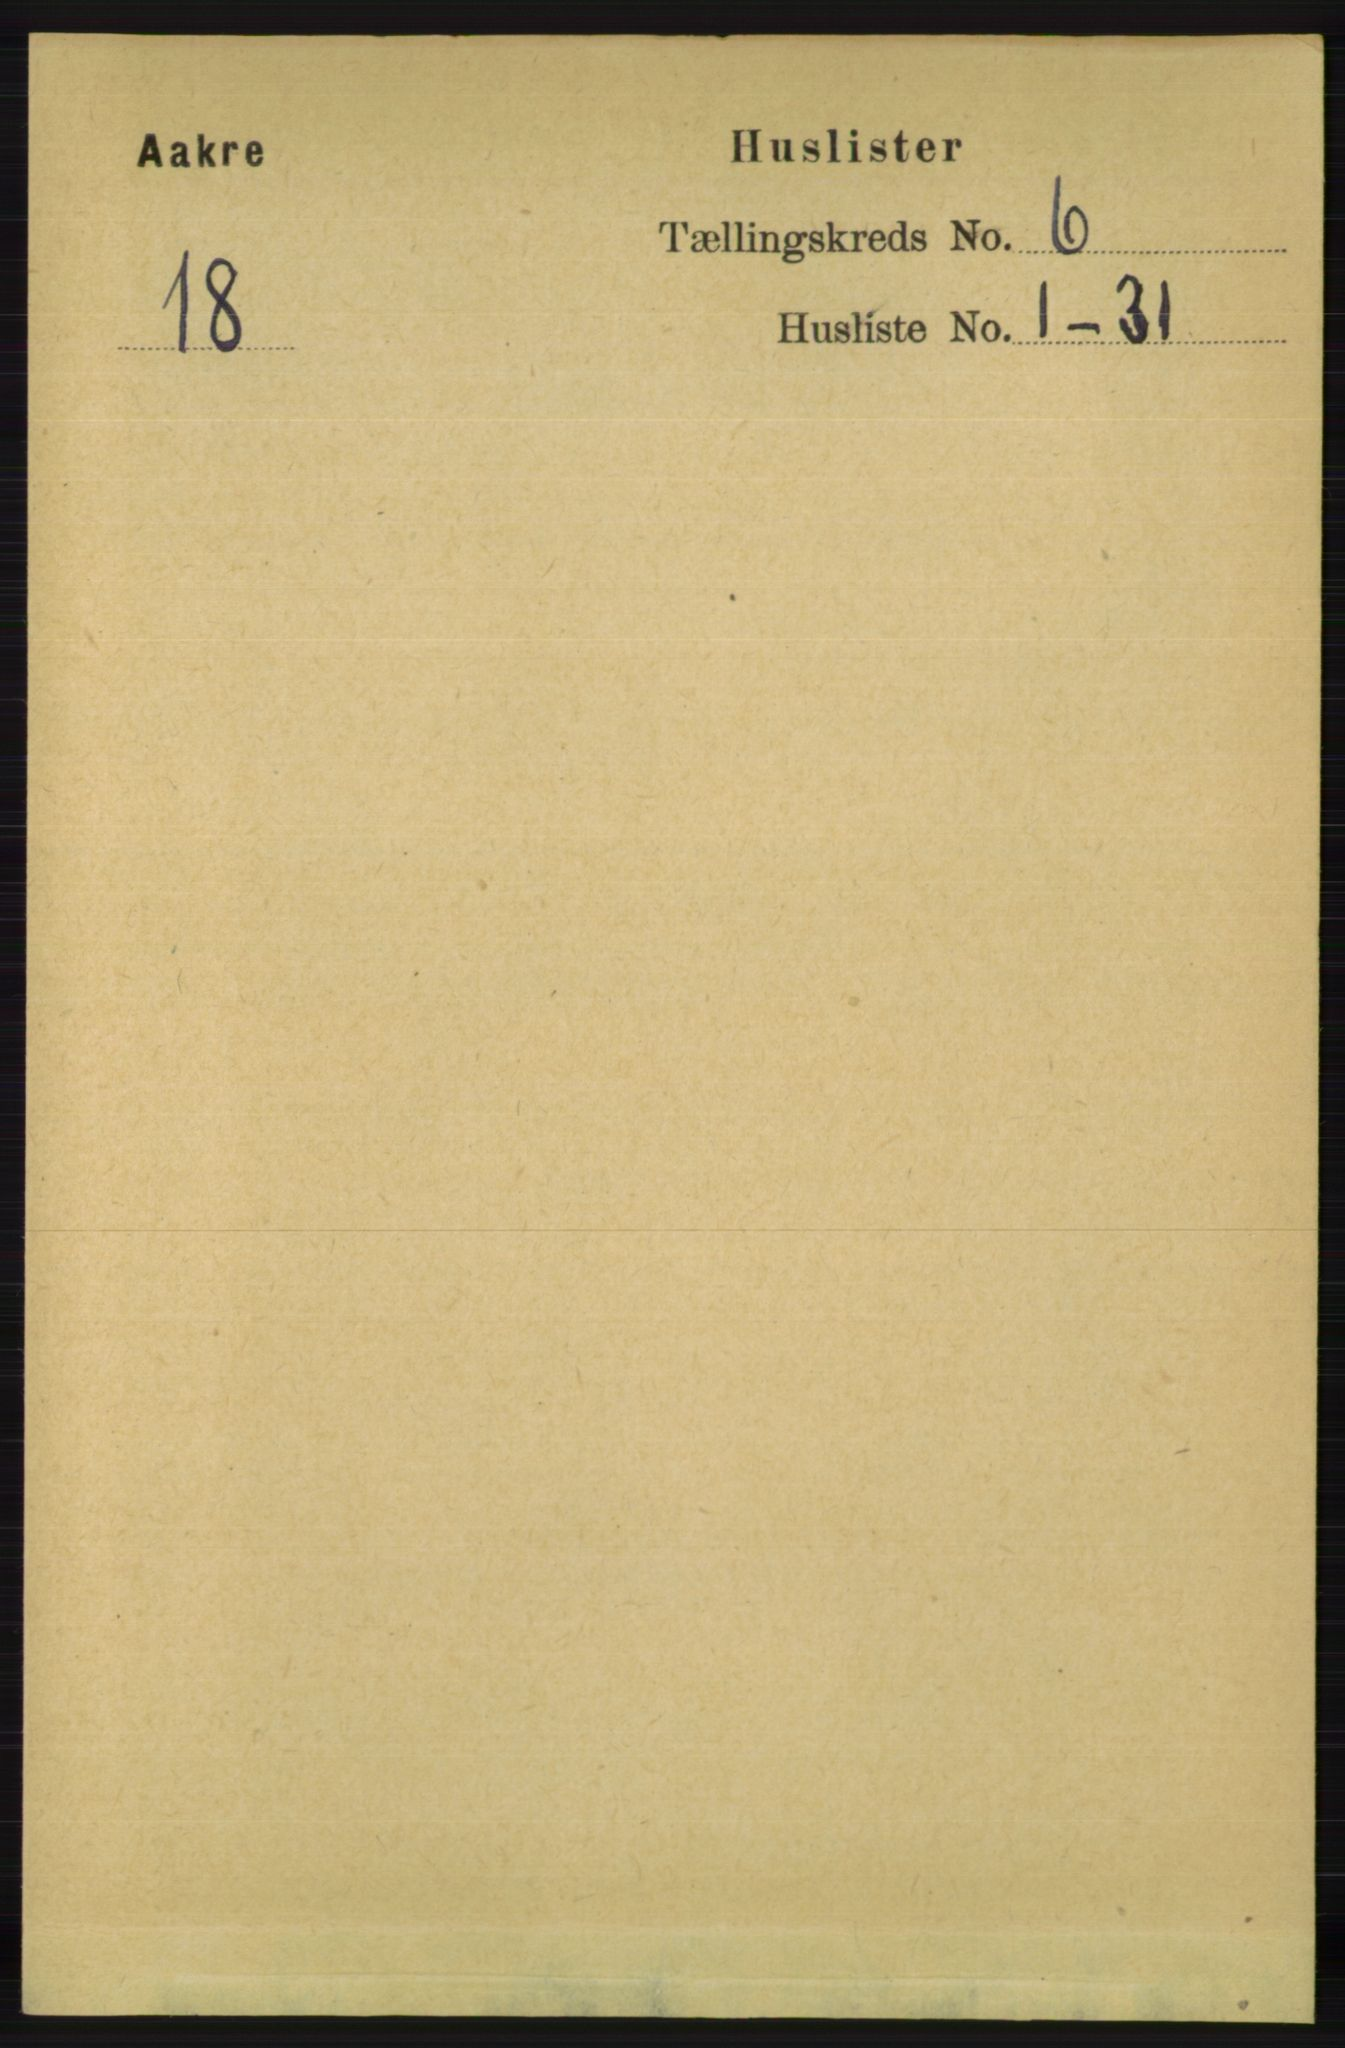 RA, Folketelling 1891 for 1150 Skudenes herred, 1891, s. 5558